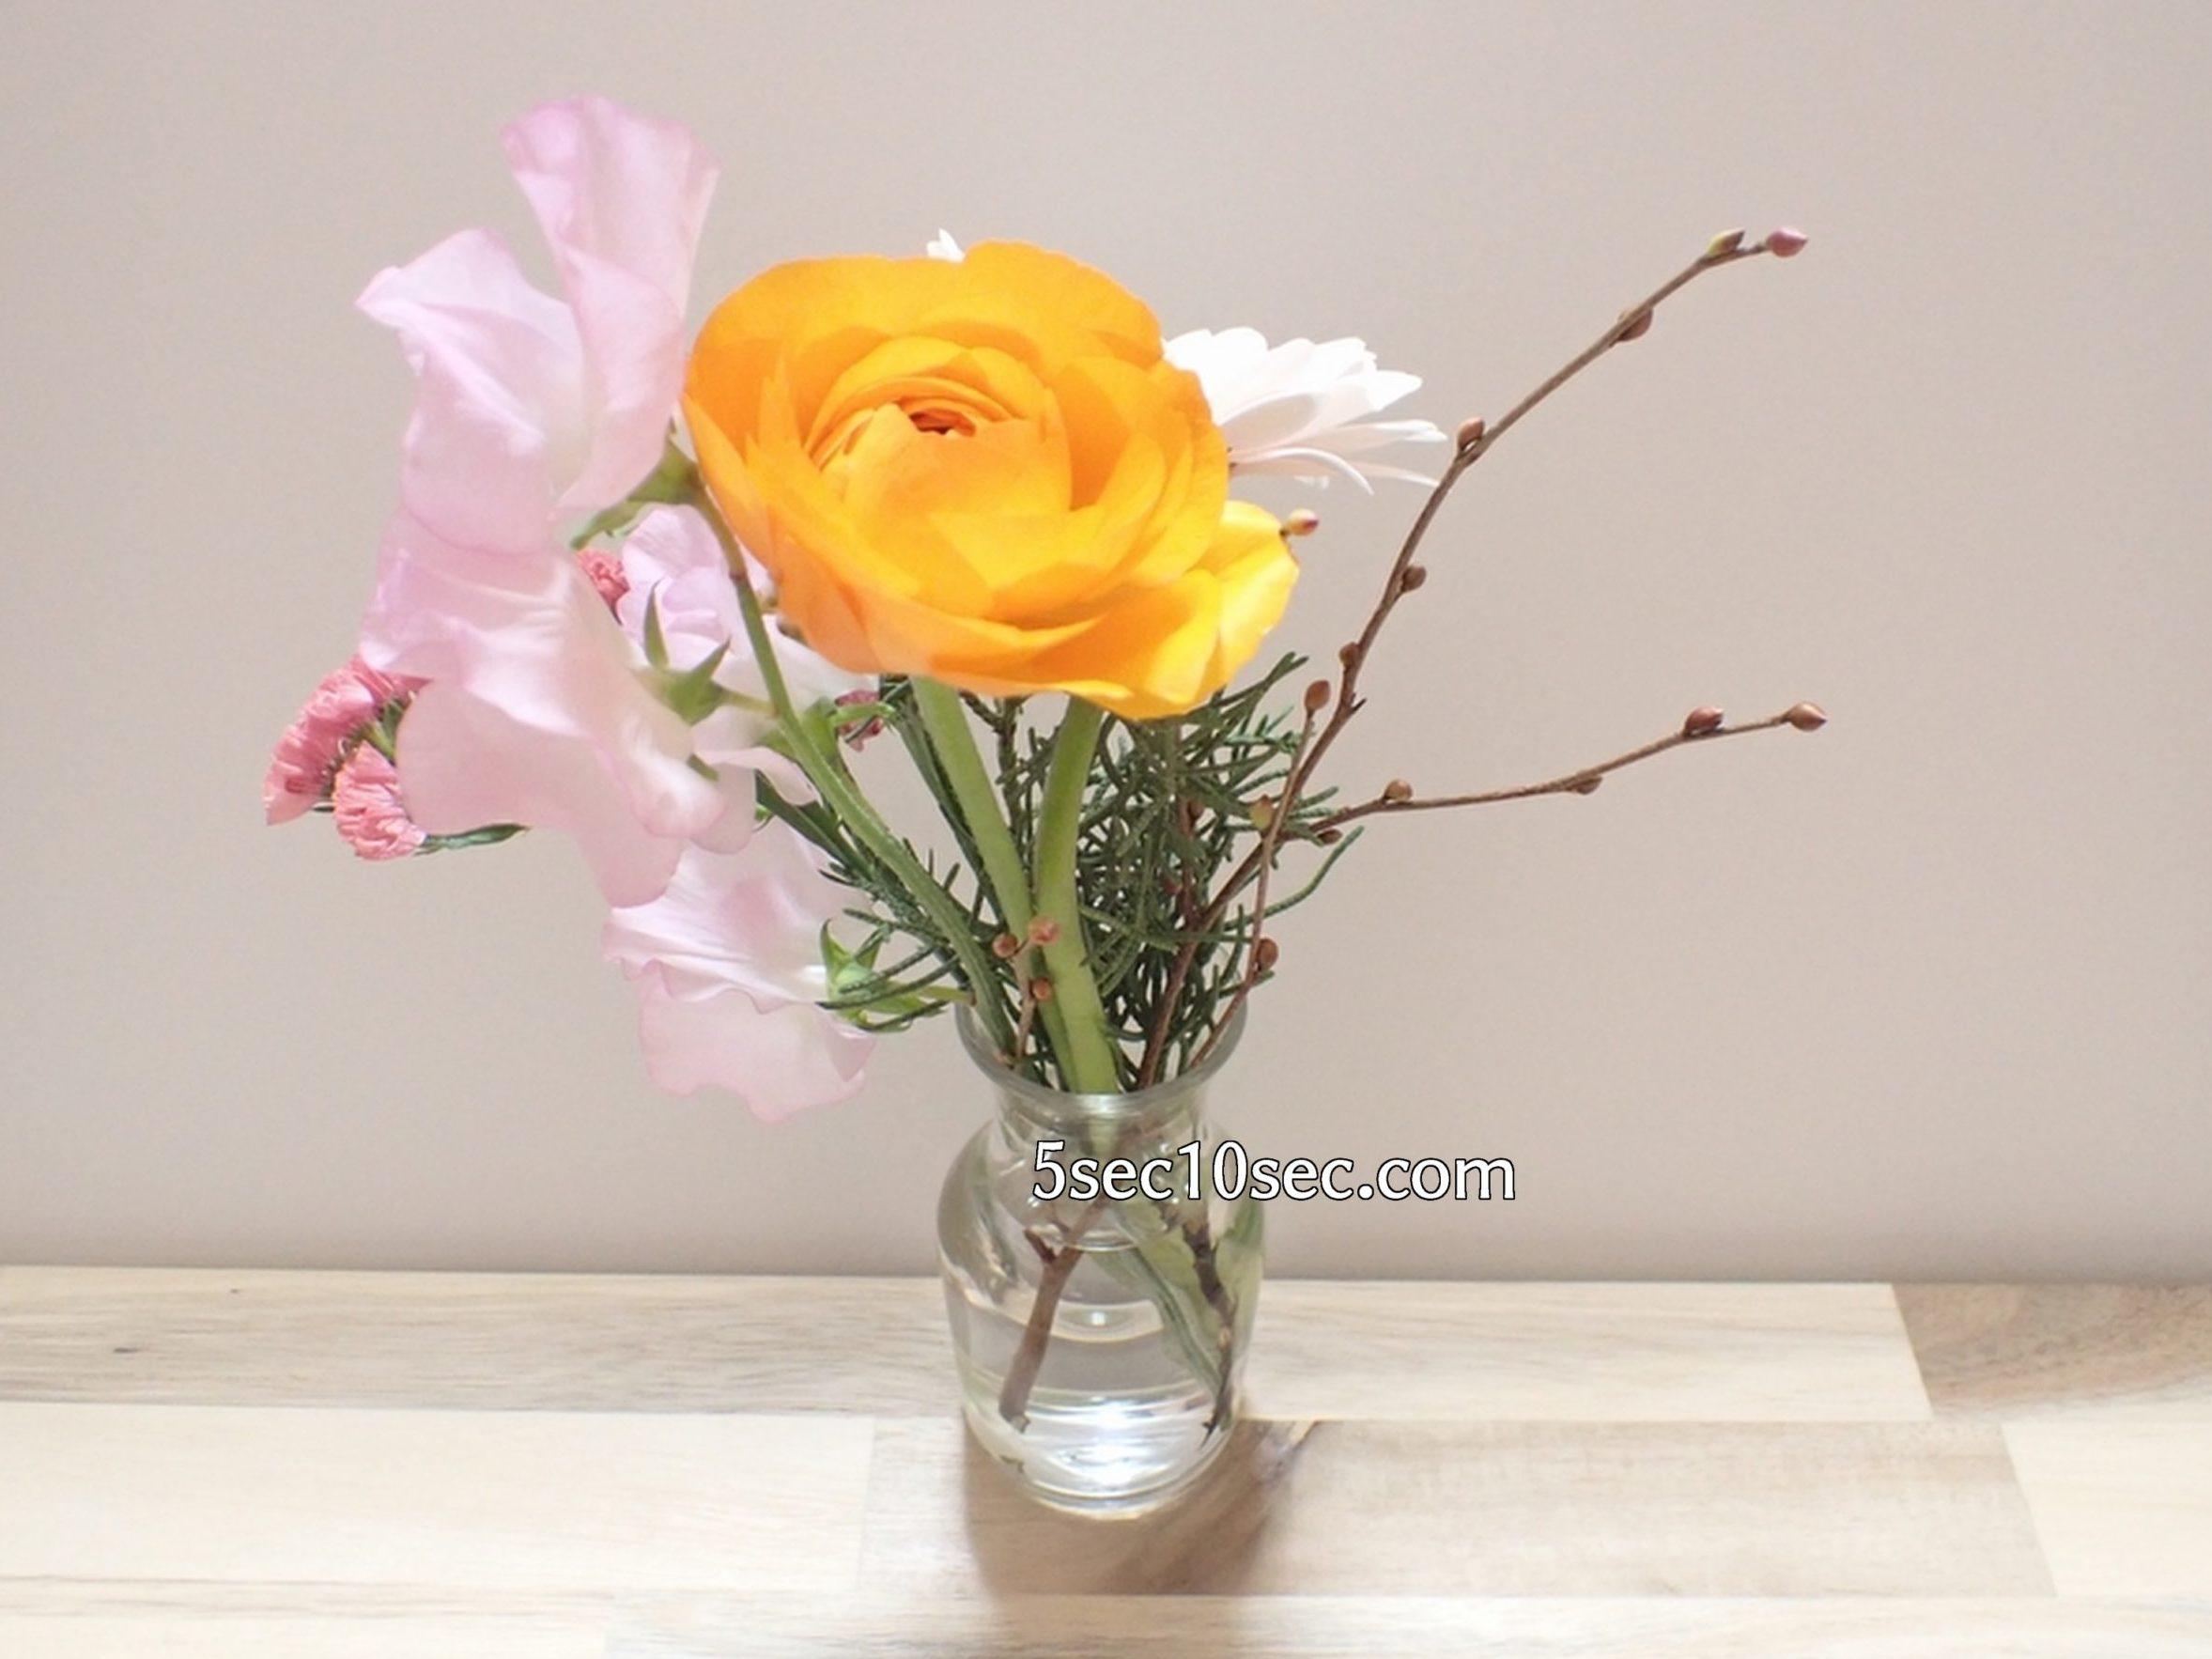 株式会社Crunch Style お花の定期便 Bloomee LIFE ブルーミーライフ 800円のレギュラープラン ラナンキュラス スイトピーを前に持ってきた写真